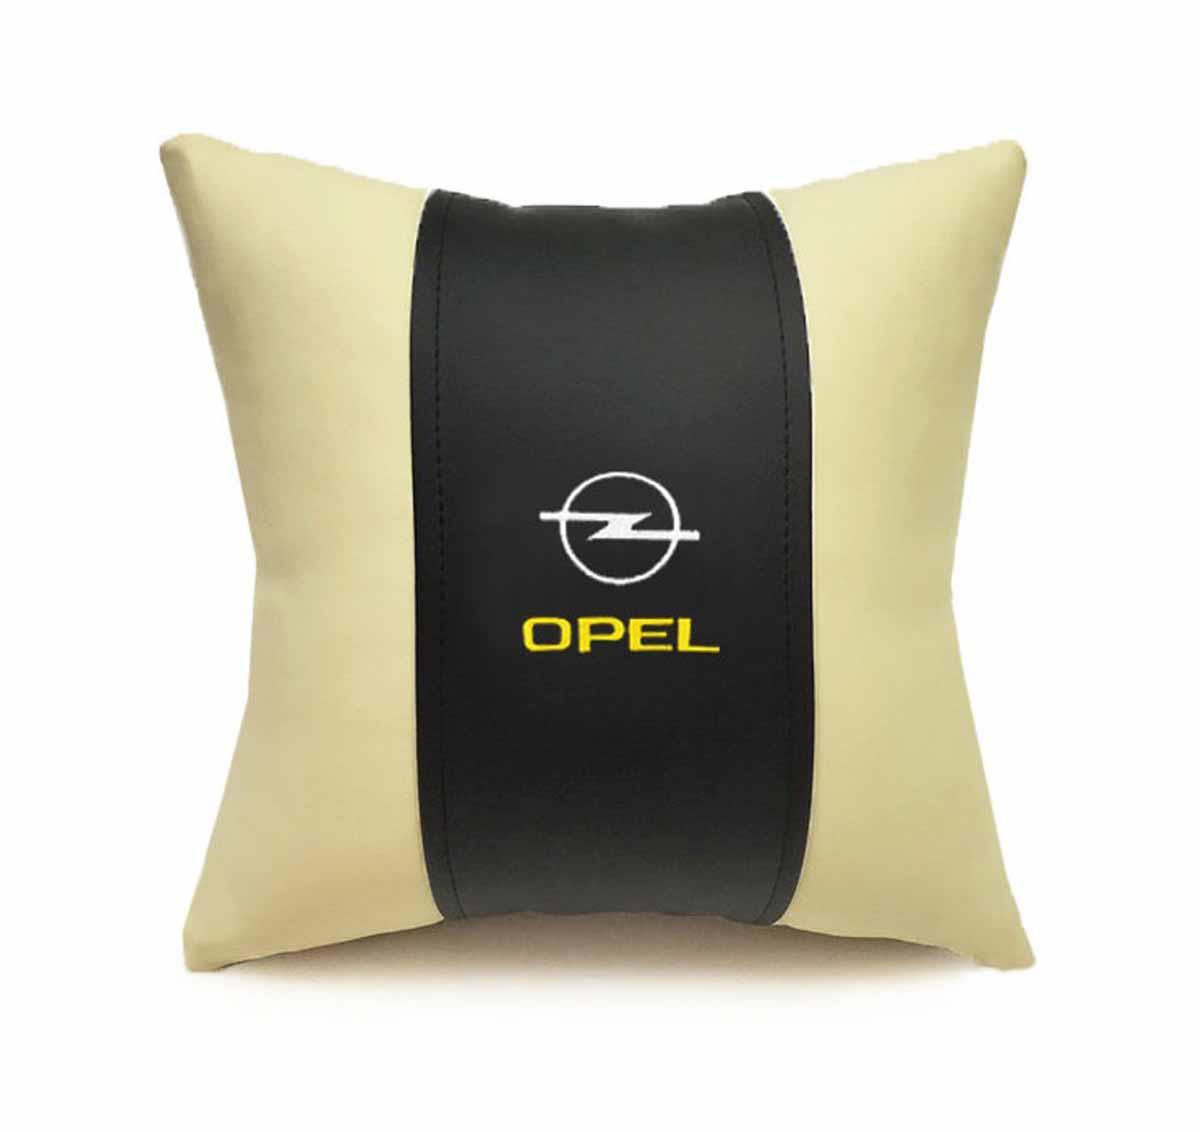 Подушка декоративная Auto premium OPEL, цвет: черно-бежевый. 37050Ветерок 2ГФПодушка в машину с вышивкой автологотипа - отличное дополнение для салона Вашего авто. Мягкая подушка изготовлена из матовой экокожи будет удобна пассажиру. К тому же не перестанет радовать Вас своим видом. Оптимальный размер подушки (30х30) не загромождает салон автомобиля.